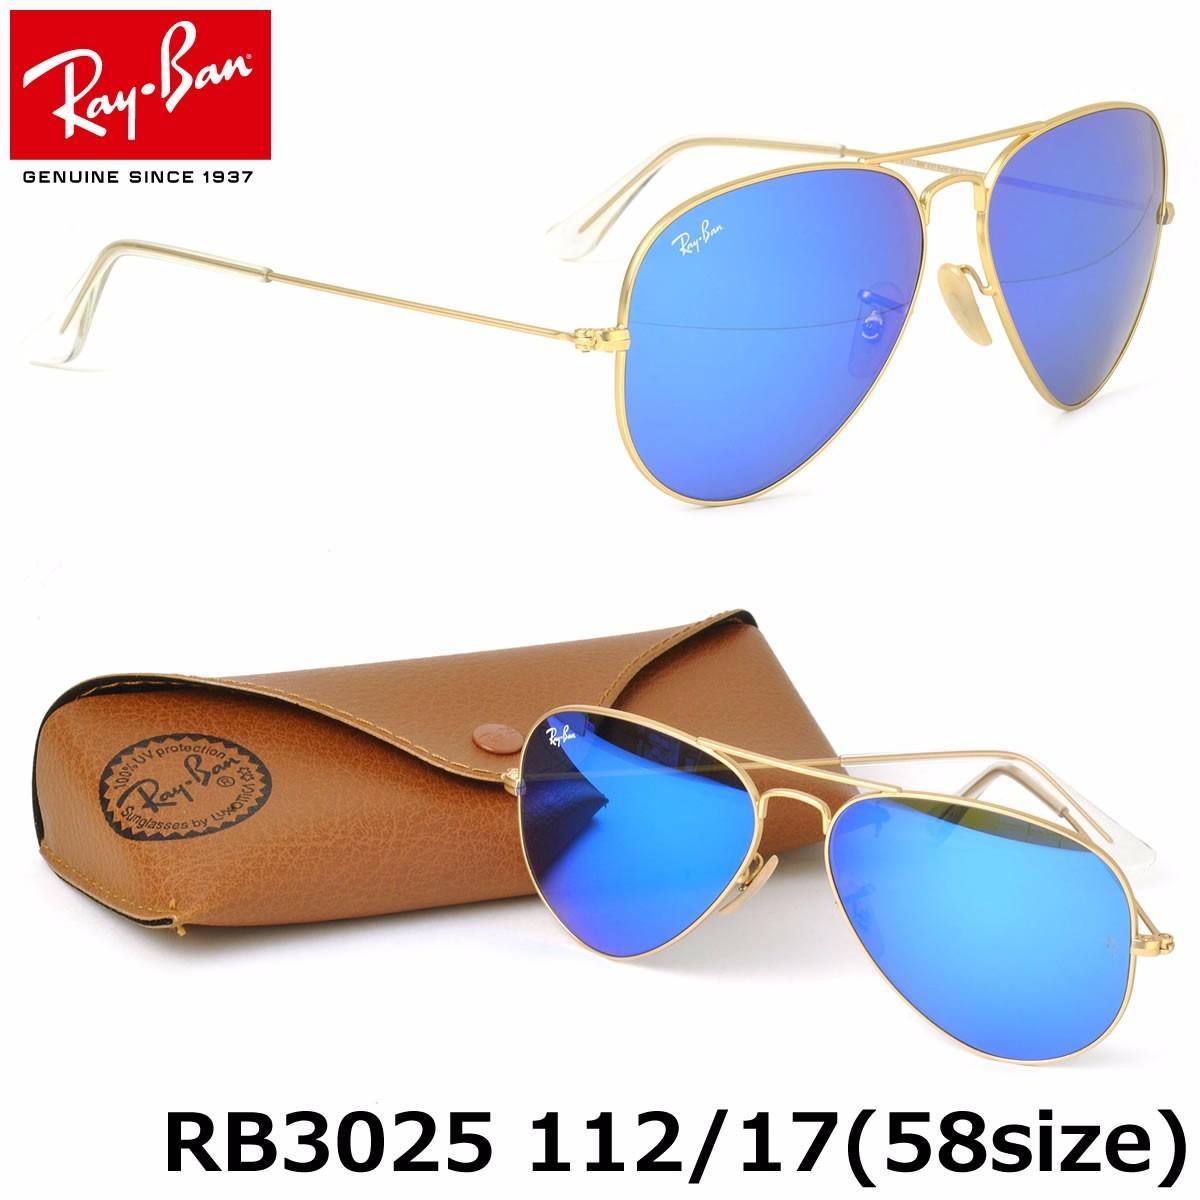 83705fb28b lentes ray ban rb3025 112/17 aviador gota med azul/dor unisx. Cargando zoom.